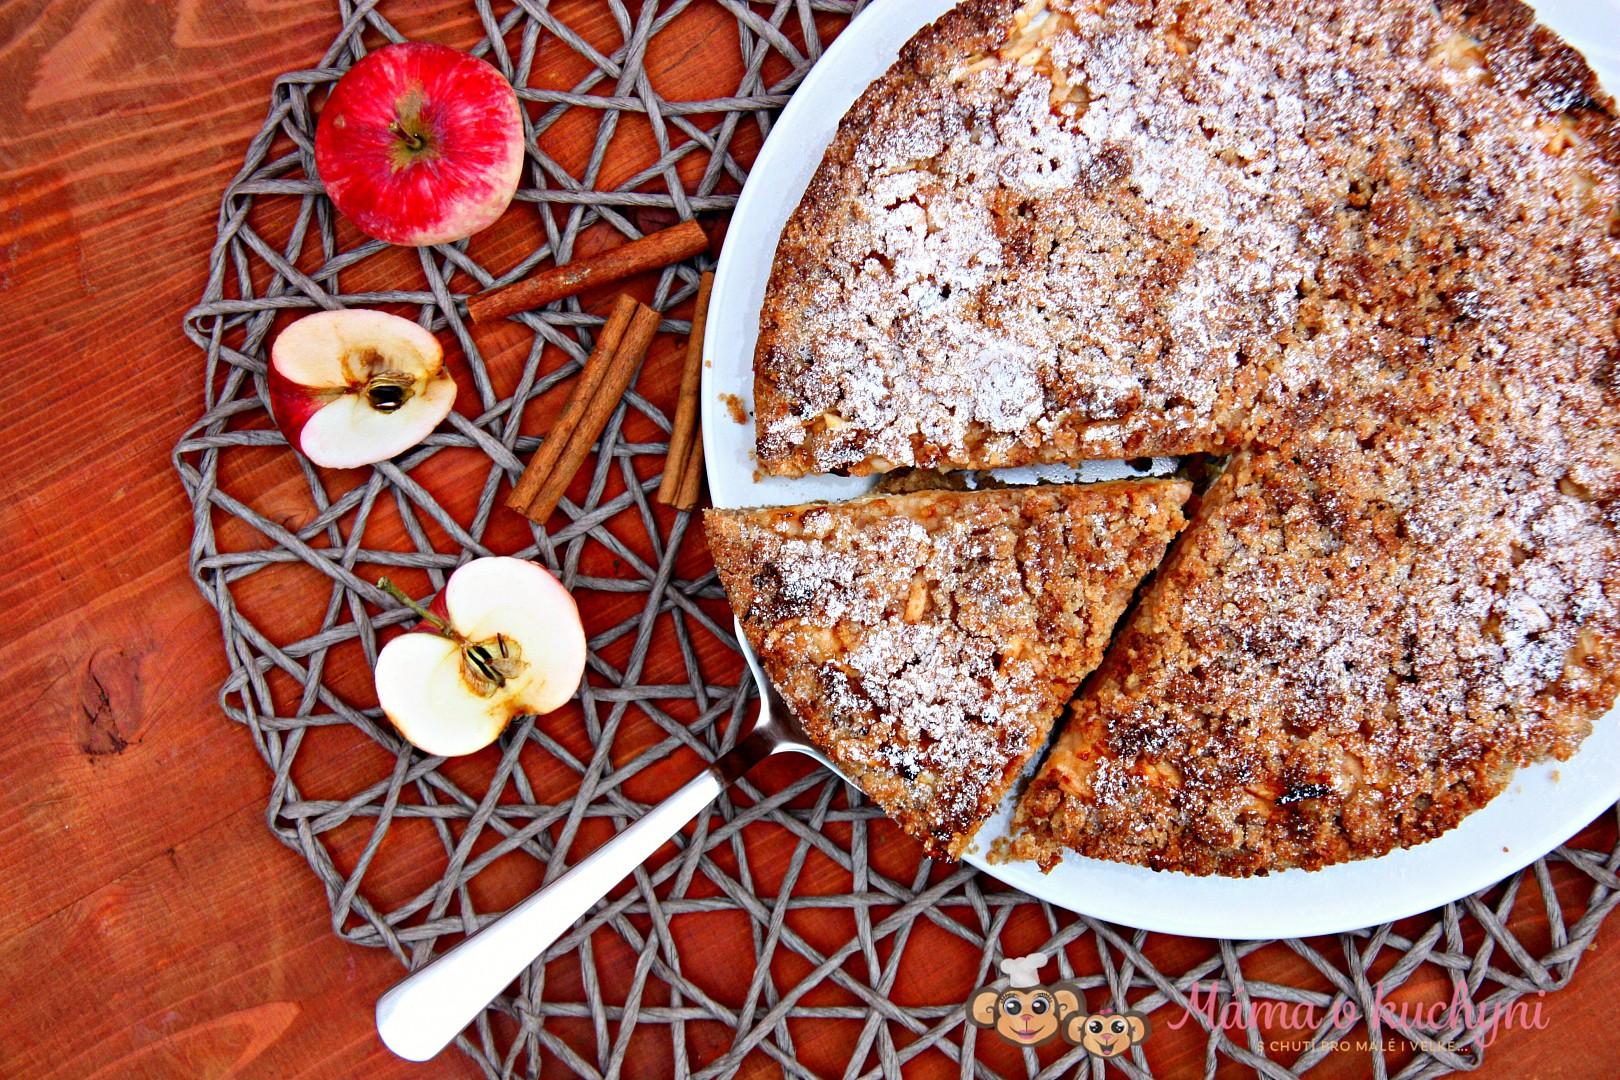 Střapatý jablečný koláč s tvarohem recept